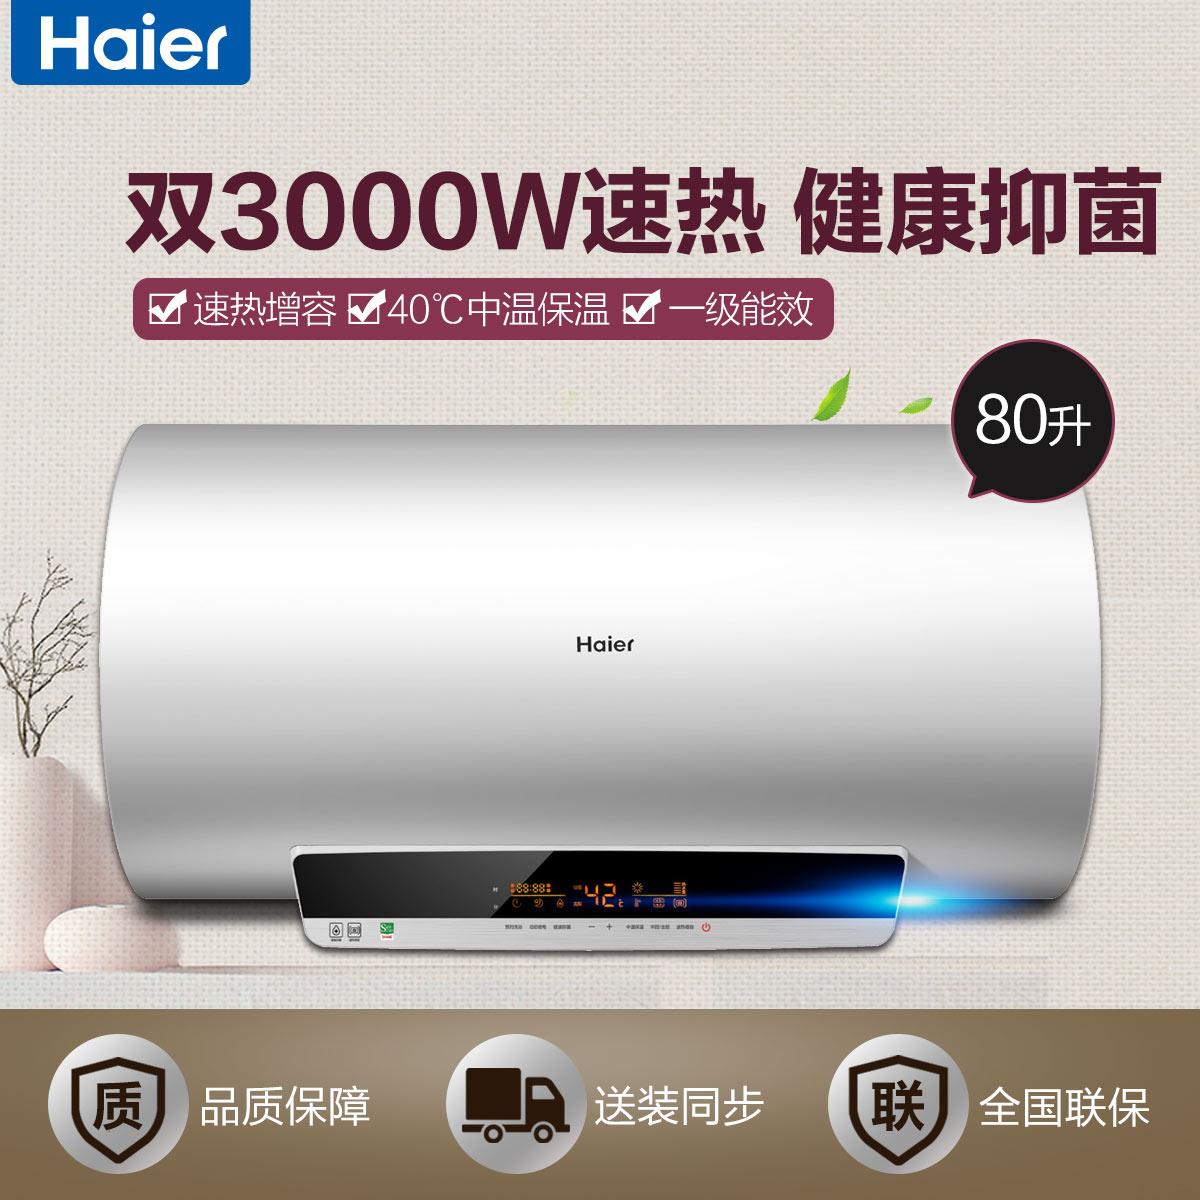 双3000W速热 健康抑菌 预约洗浴 专利防电墙 EC8003-YT1 80升即热恒温储水式家用电热水器